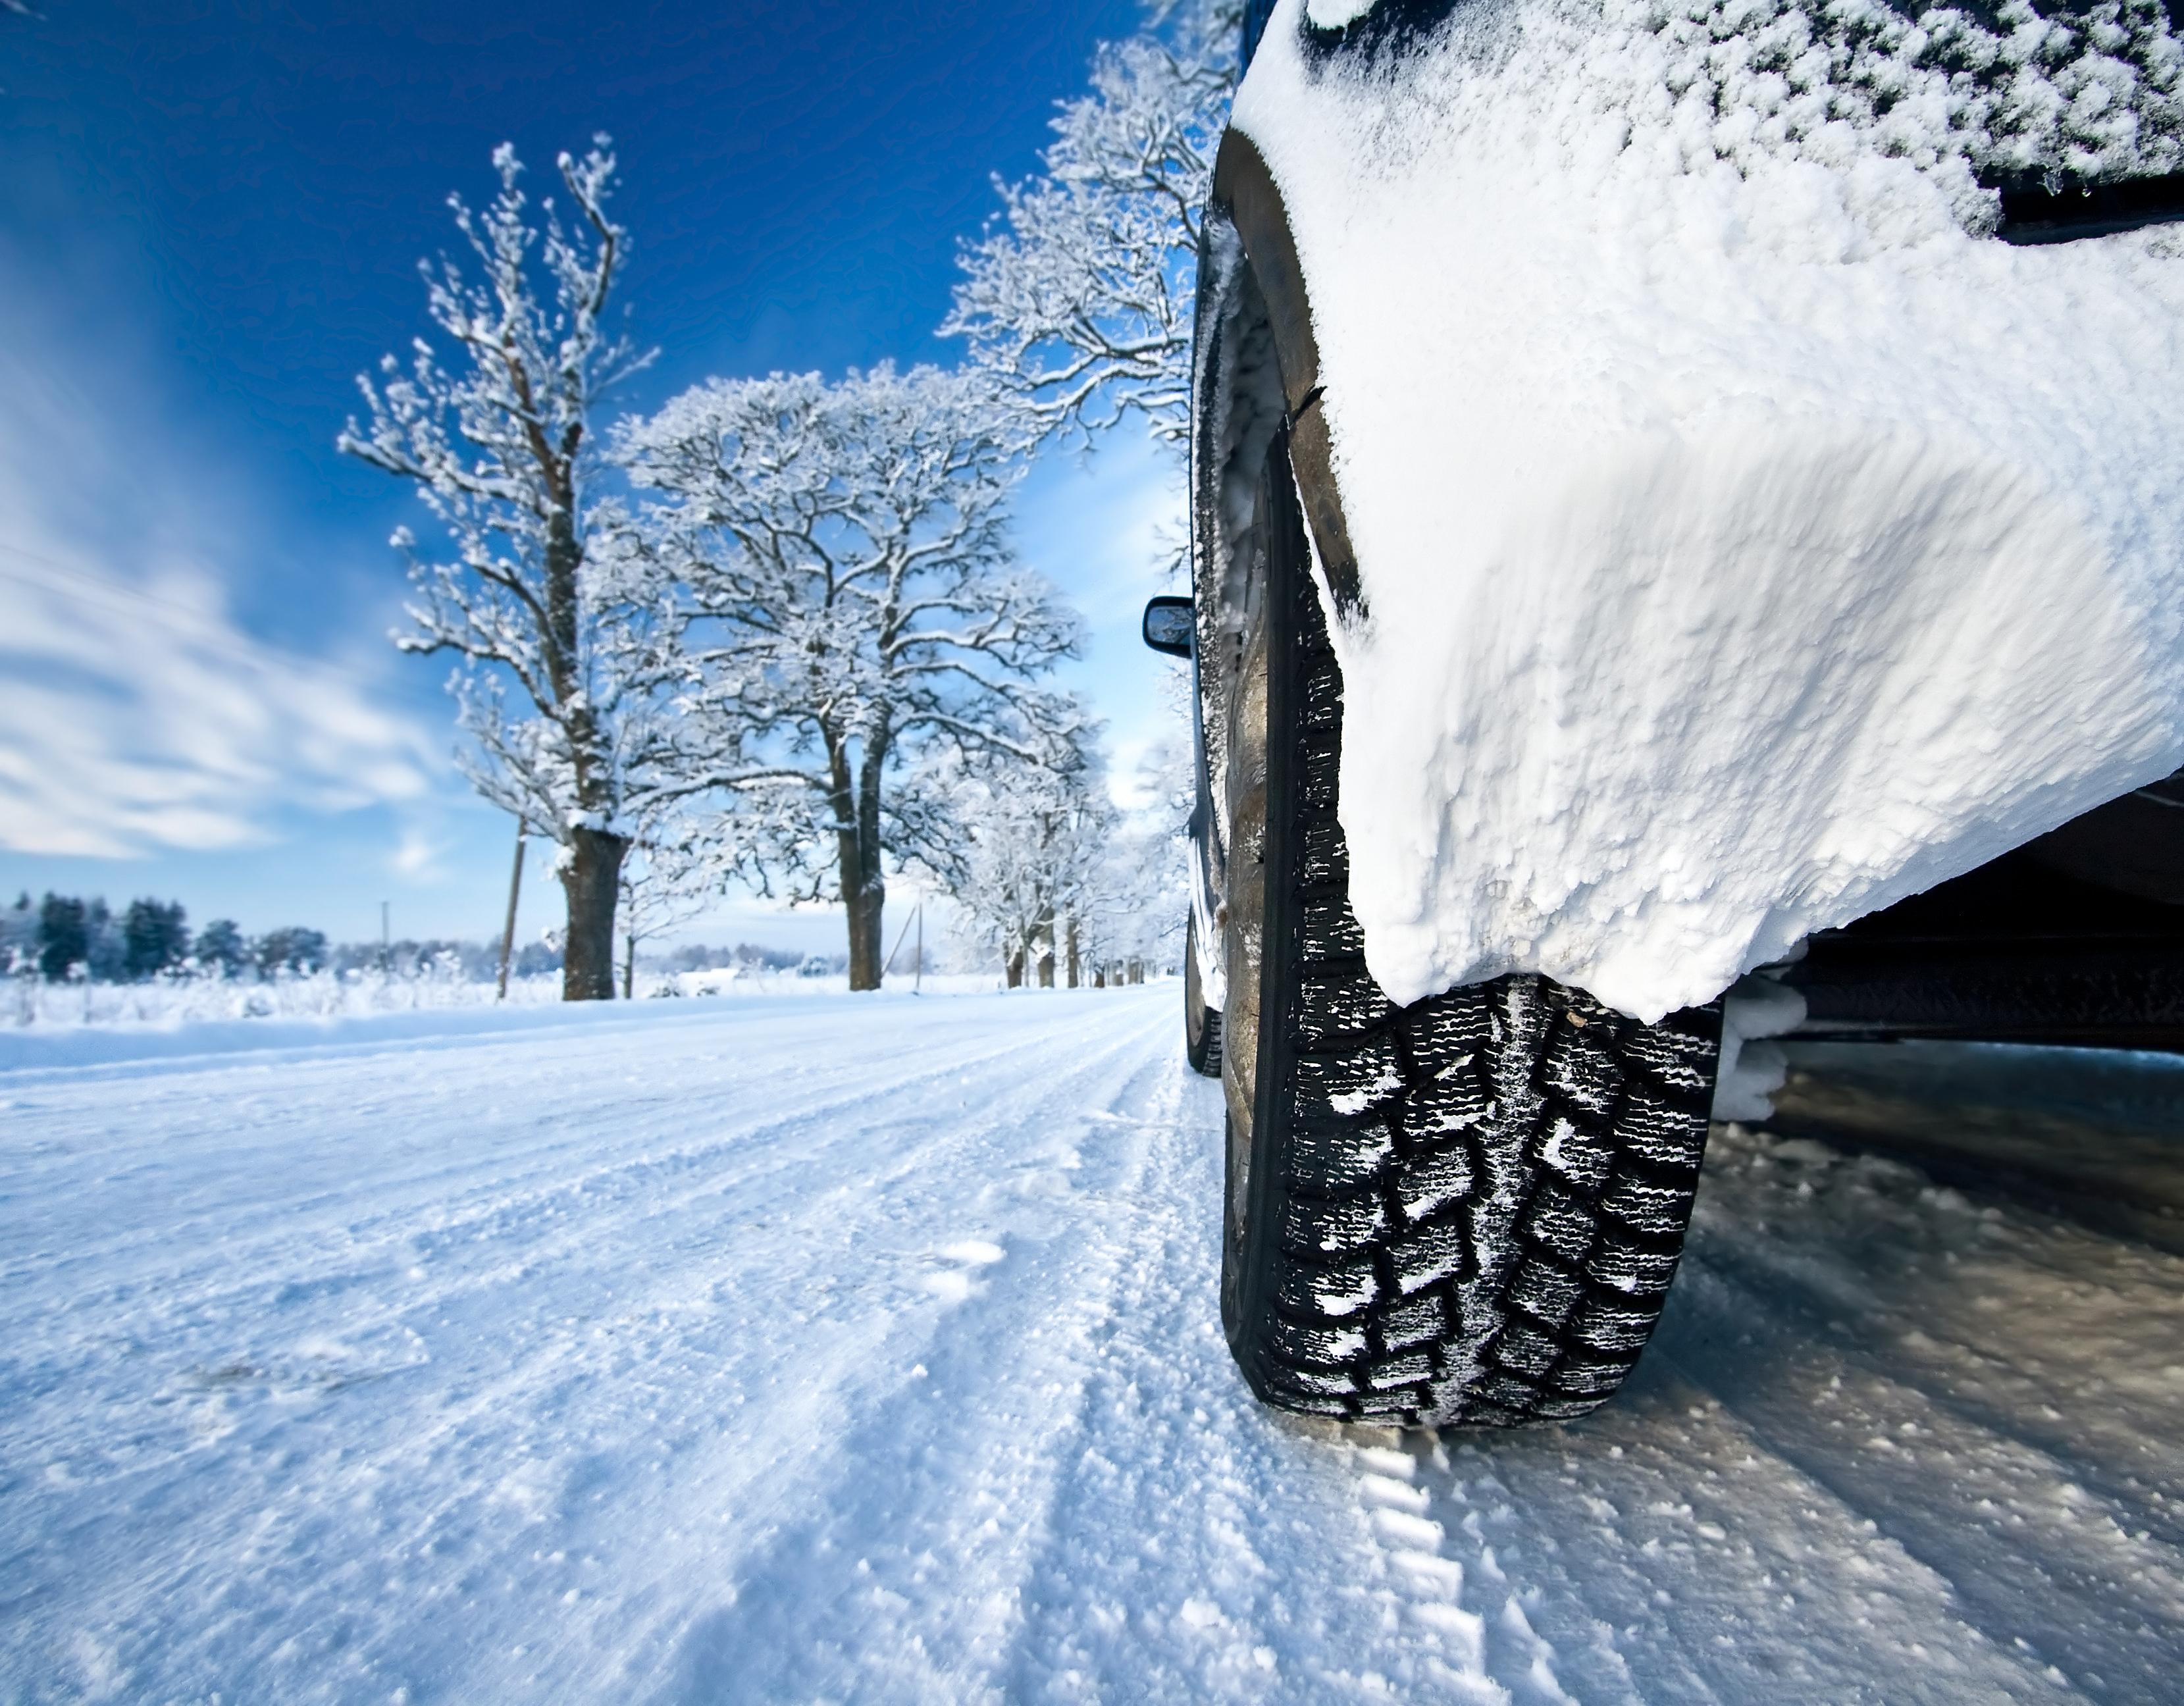 Changez vos roues d'hiver!